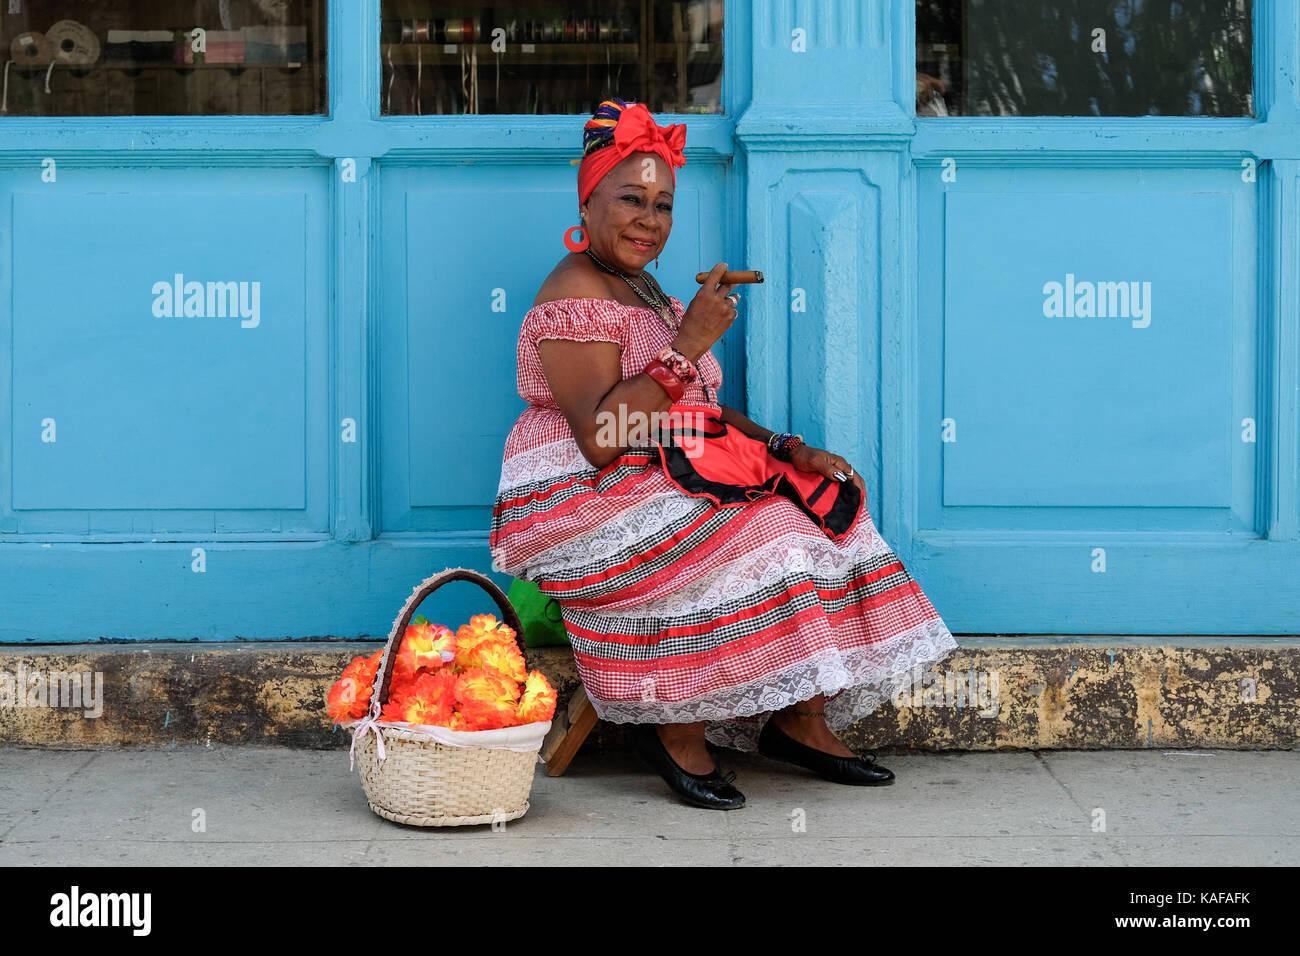 Un colorfully vestito donna cubana in abiti tradizionali si siede sulle strade di Habana vieja a l'Avana, Cuba. Immagini Stock